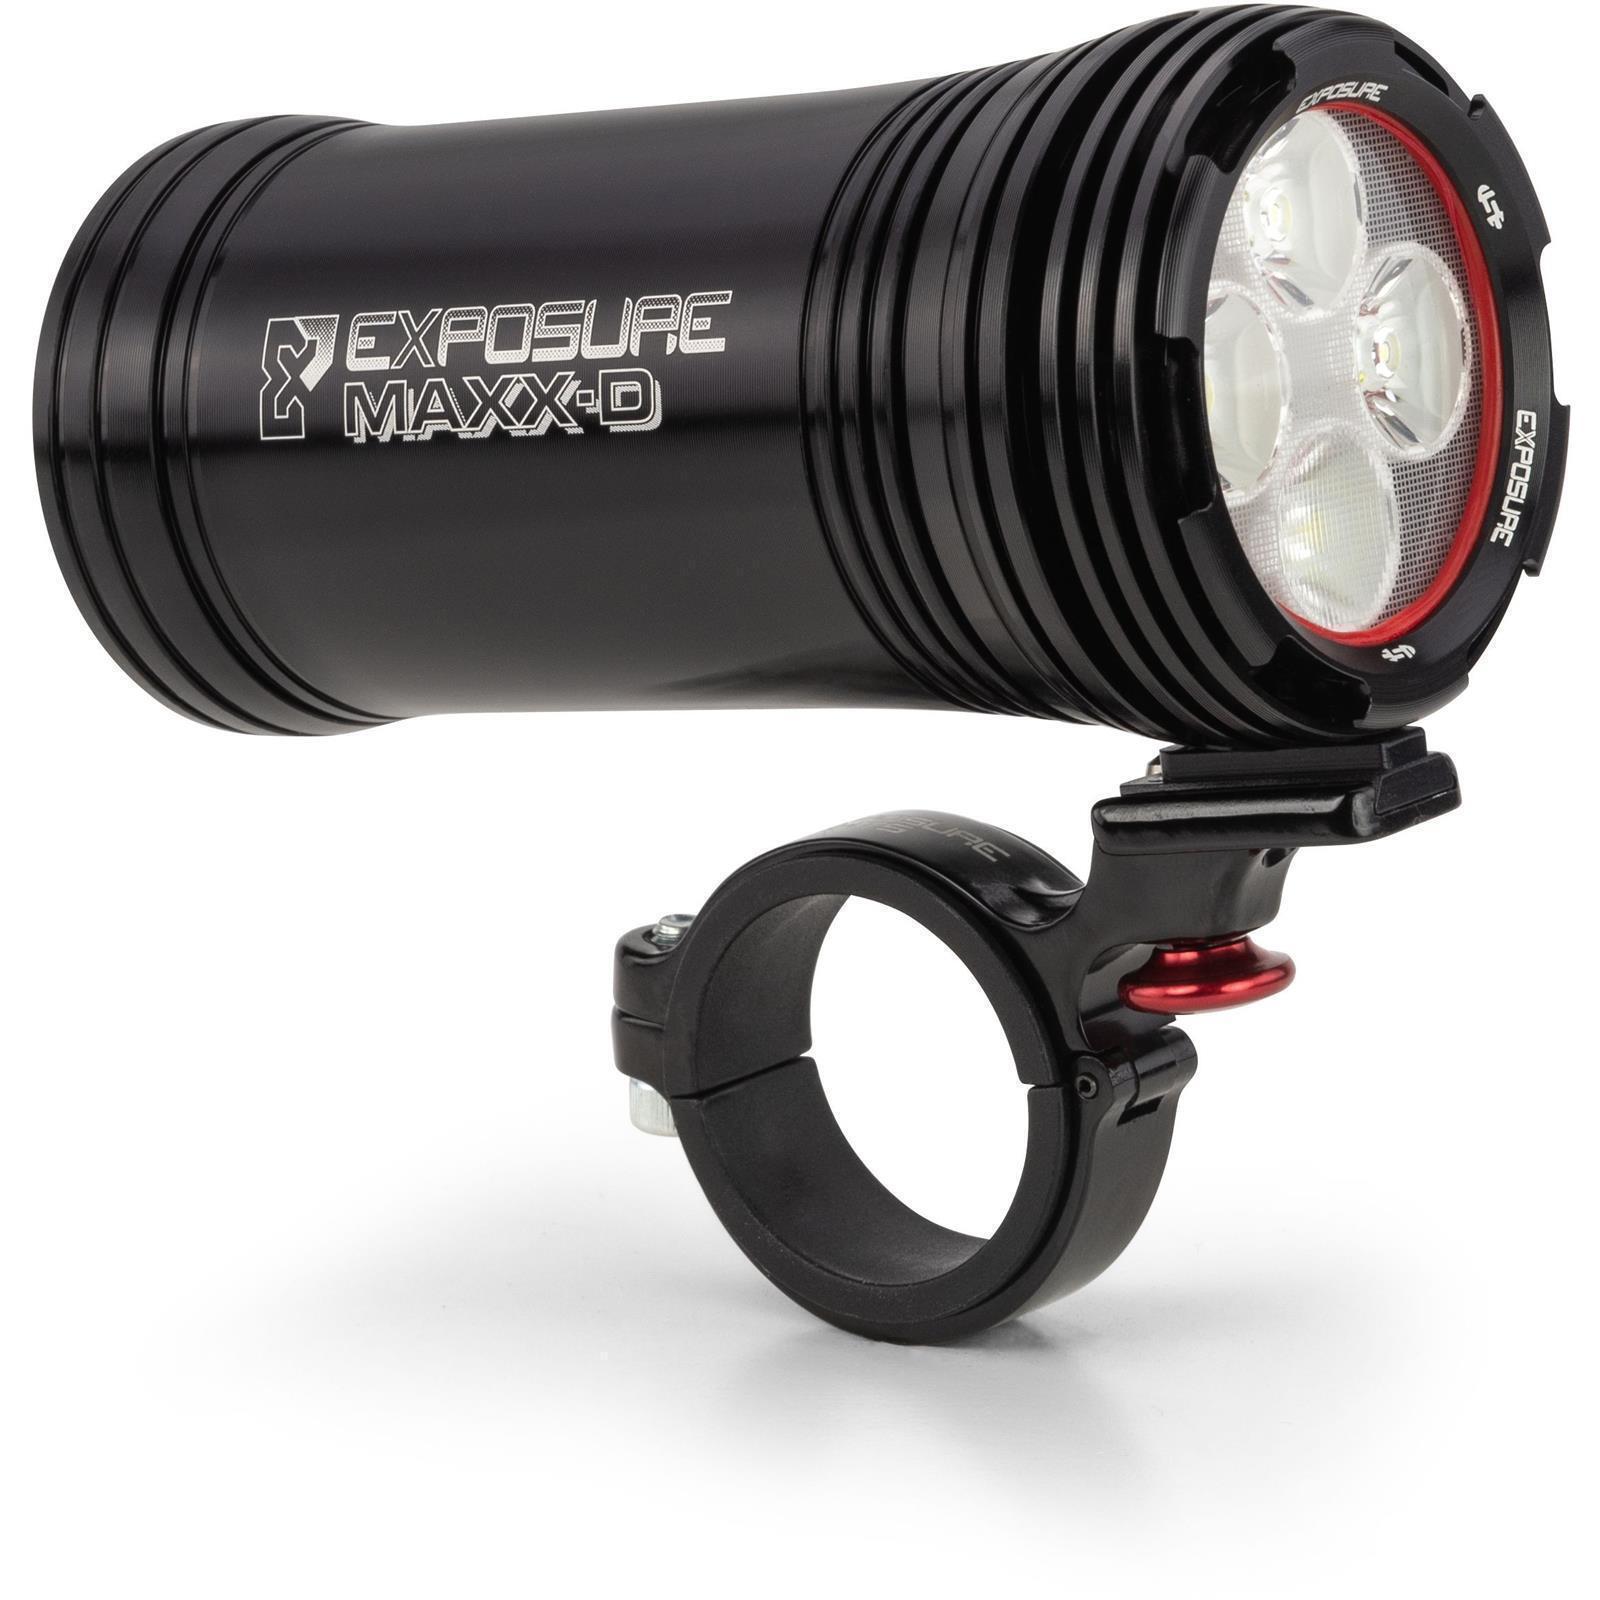 Exposure MaXx-Mk11 delantero Manillar D Bicicleta de montaña luz Etc. - Negro